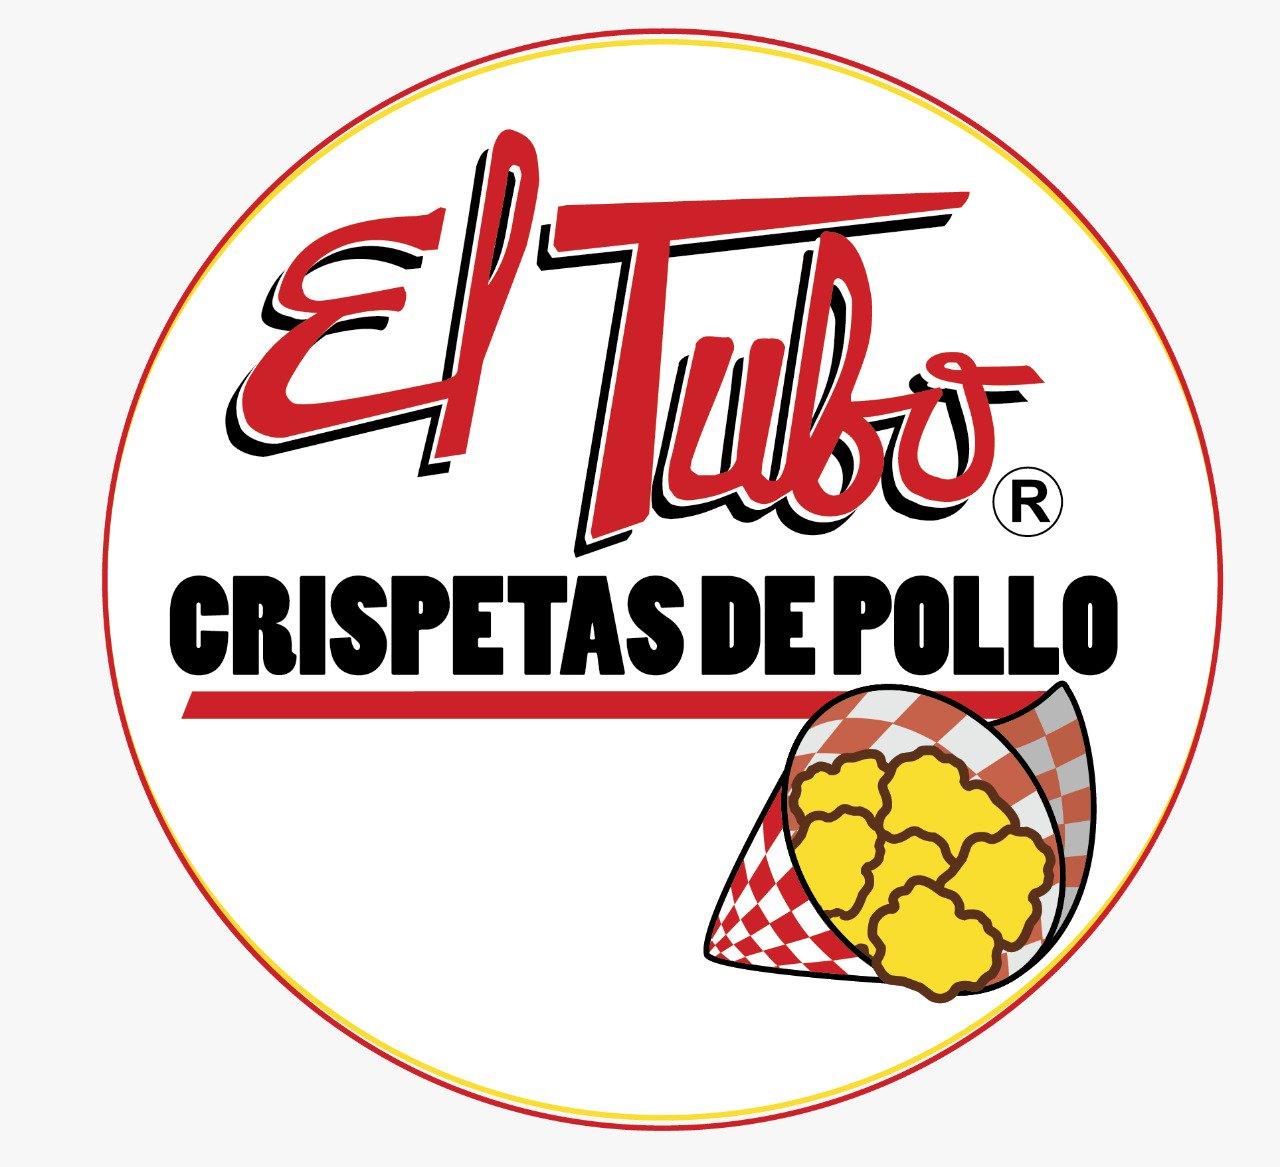 Crispetas de Pollo El Tubo